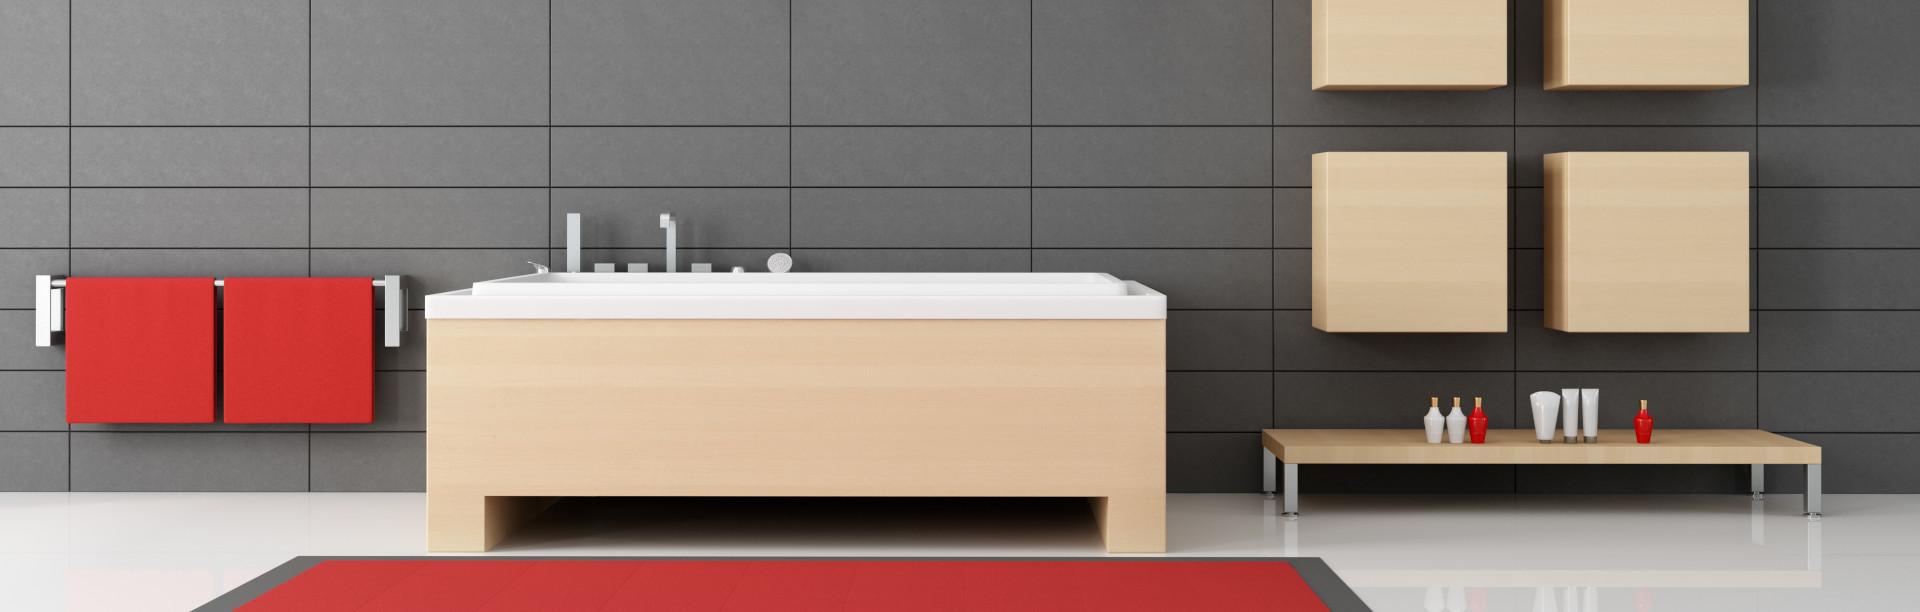 Badezimmermöbel nach Maß online planen